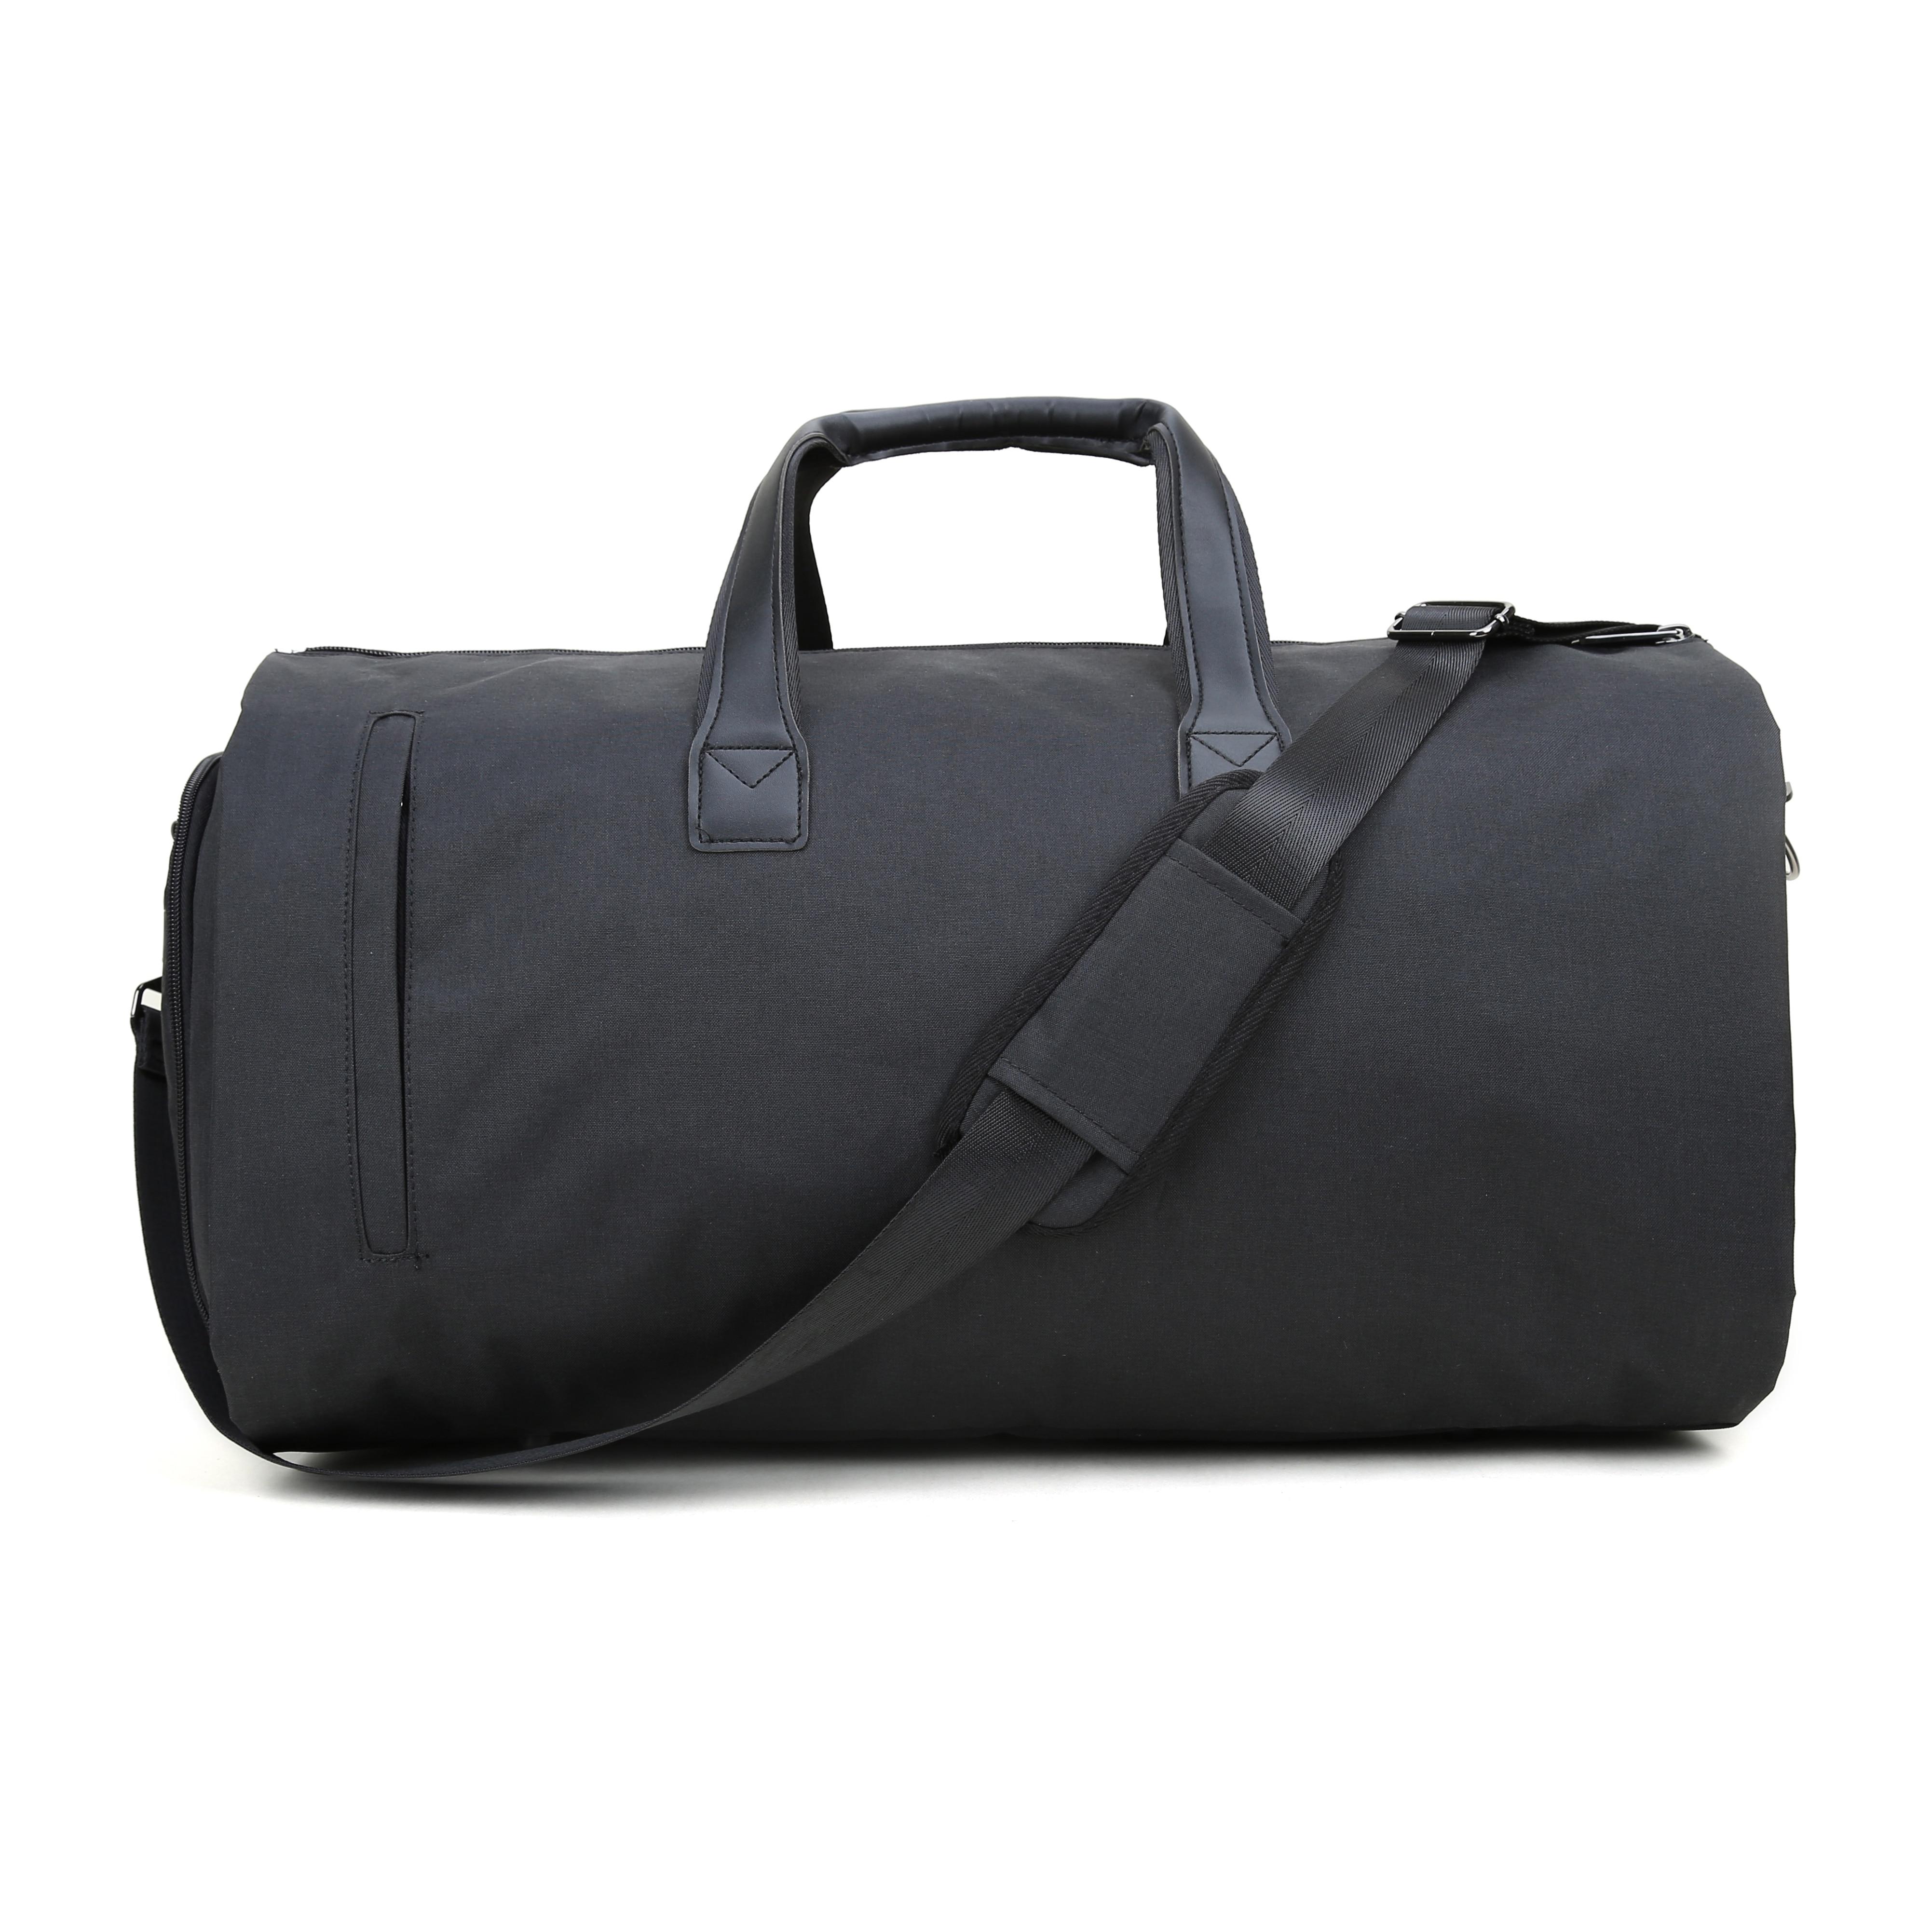 Sac de vêtement Convertible avec bandoulière Modoker porter sur vêtement sac polochon pour hommes femmes-2 en 1 sac de costume de valise suspendu